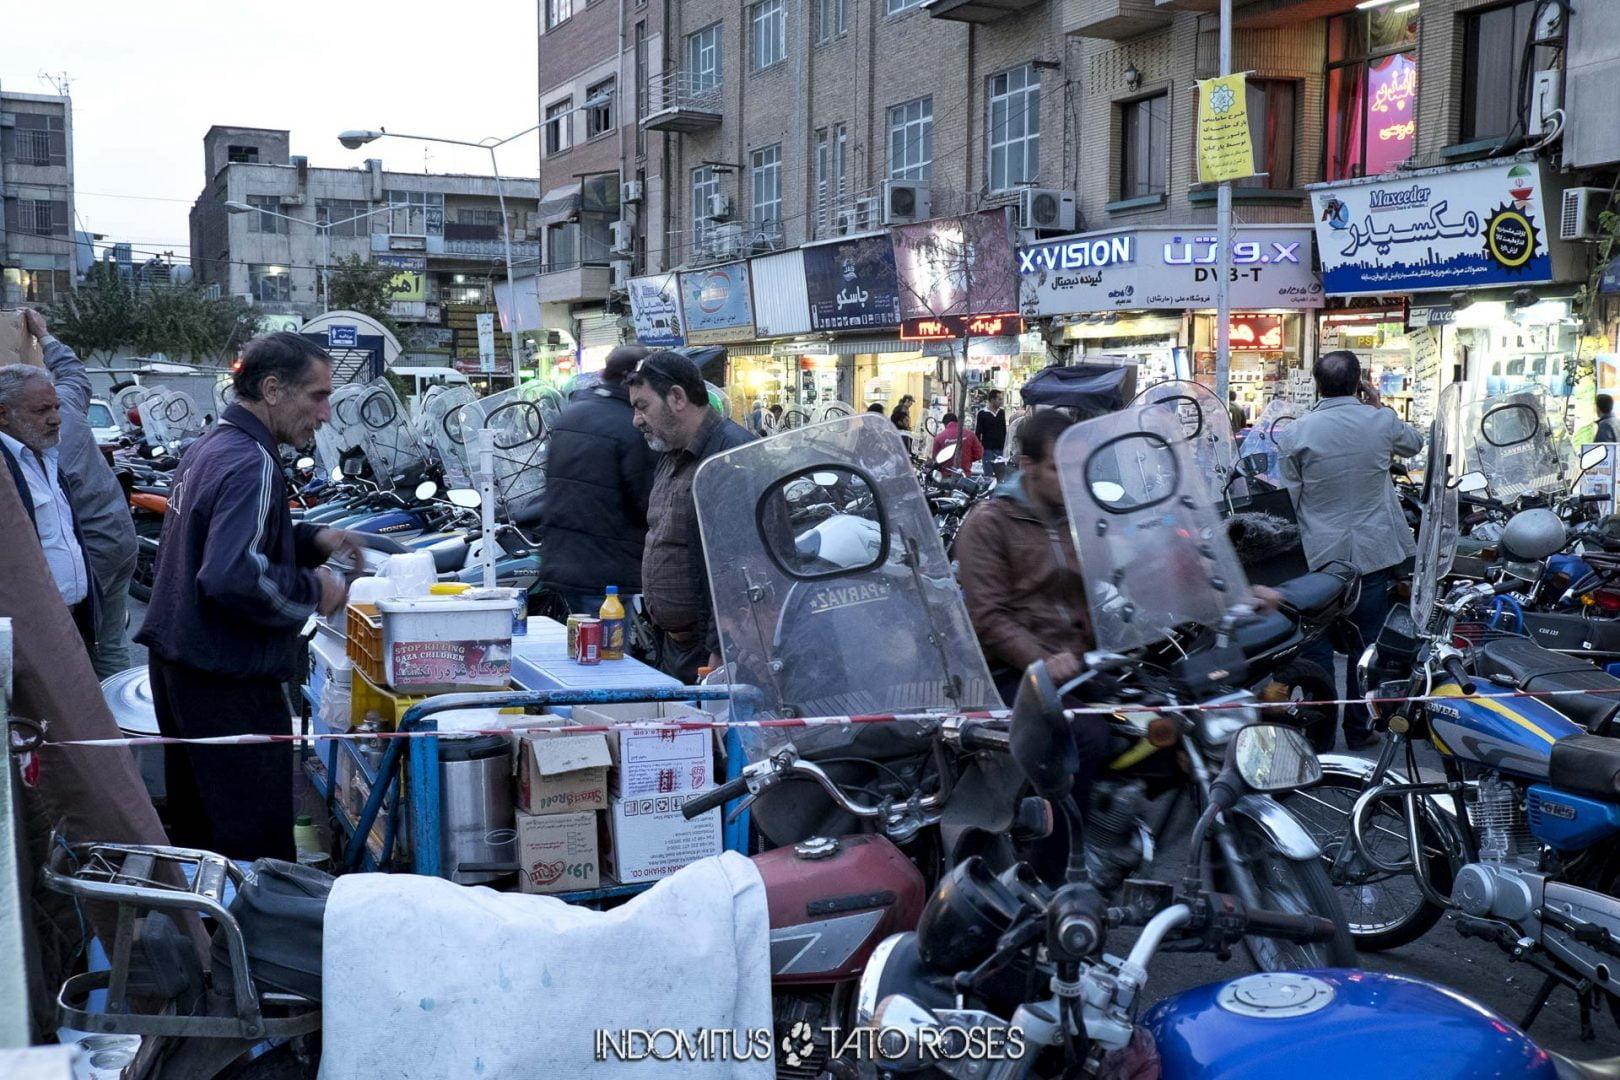 Irán 709 Teherán